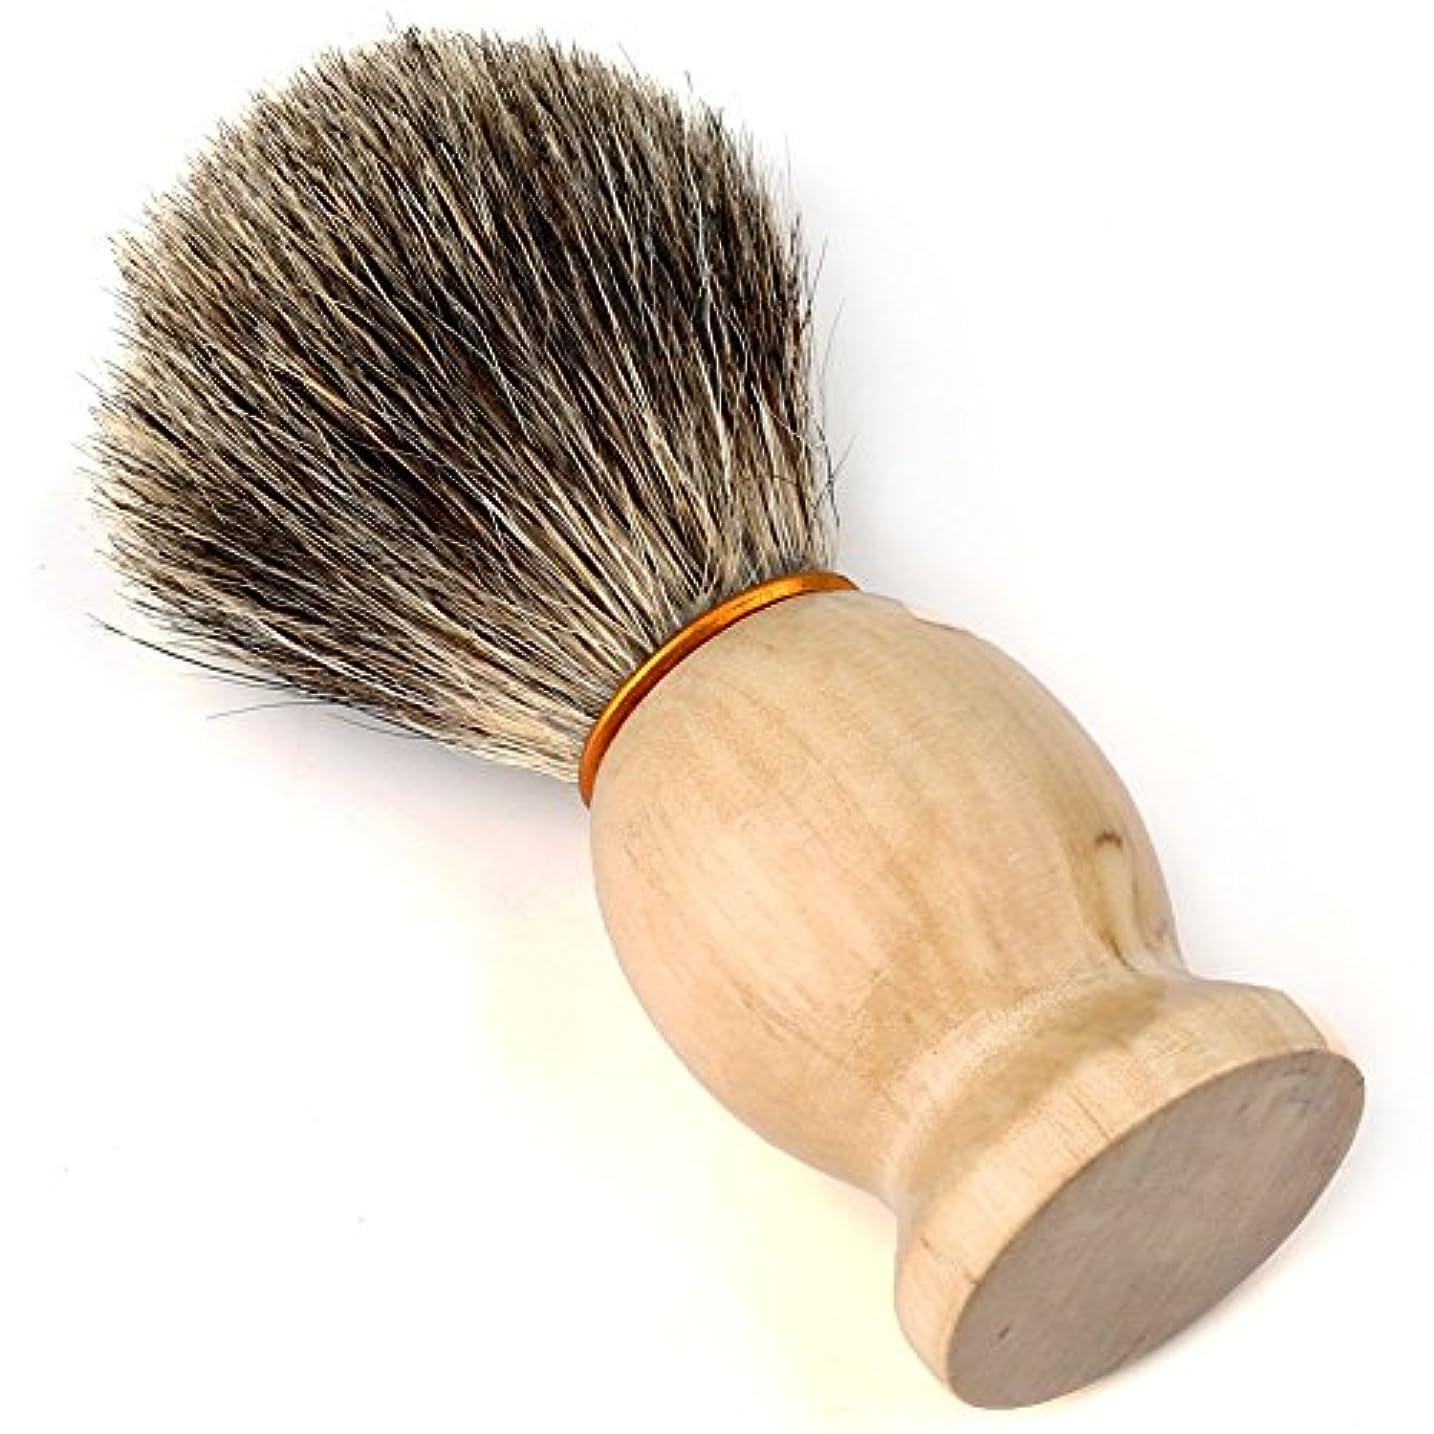 広げる学生登録するEasy Raku®ひげブラシ シェービングブラシ アナグマ毛 髭剃り 泡立ち メンズ シェービングブラシ(ブラシだけ)